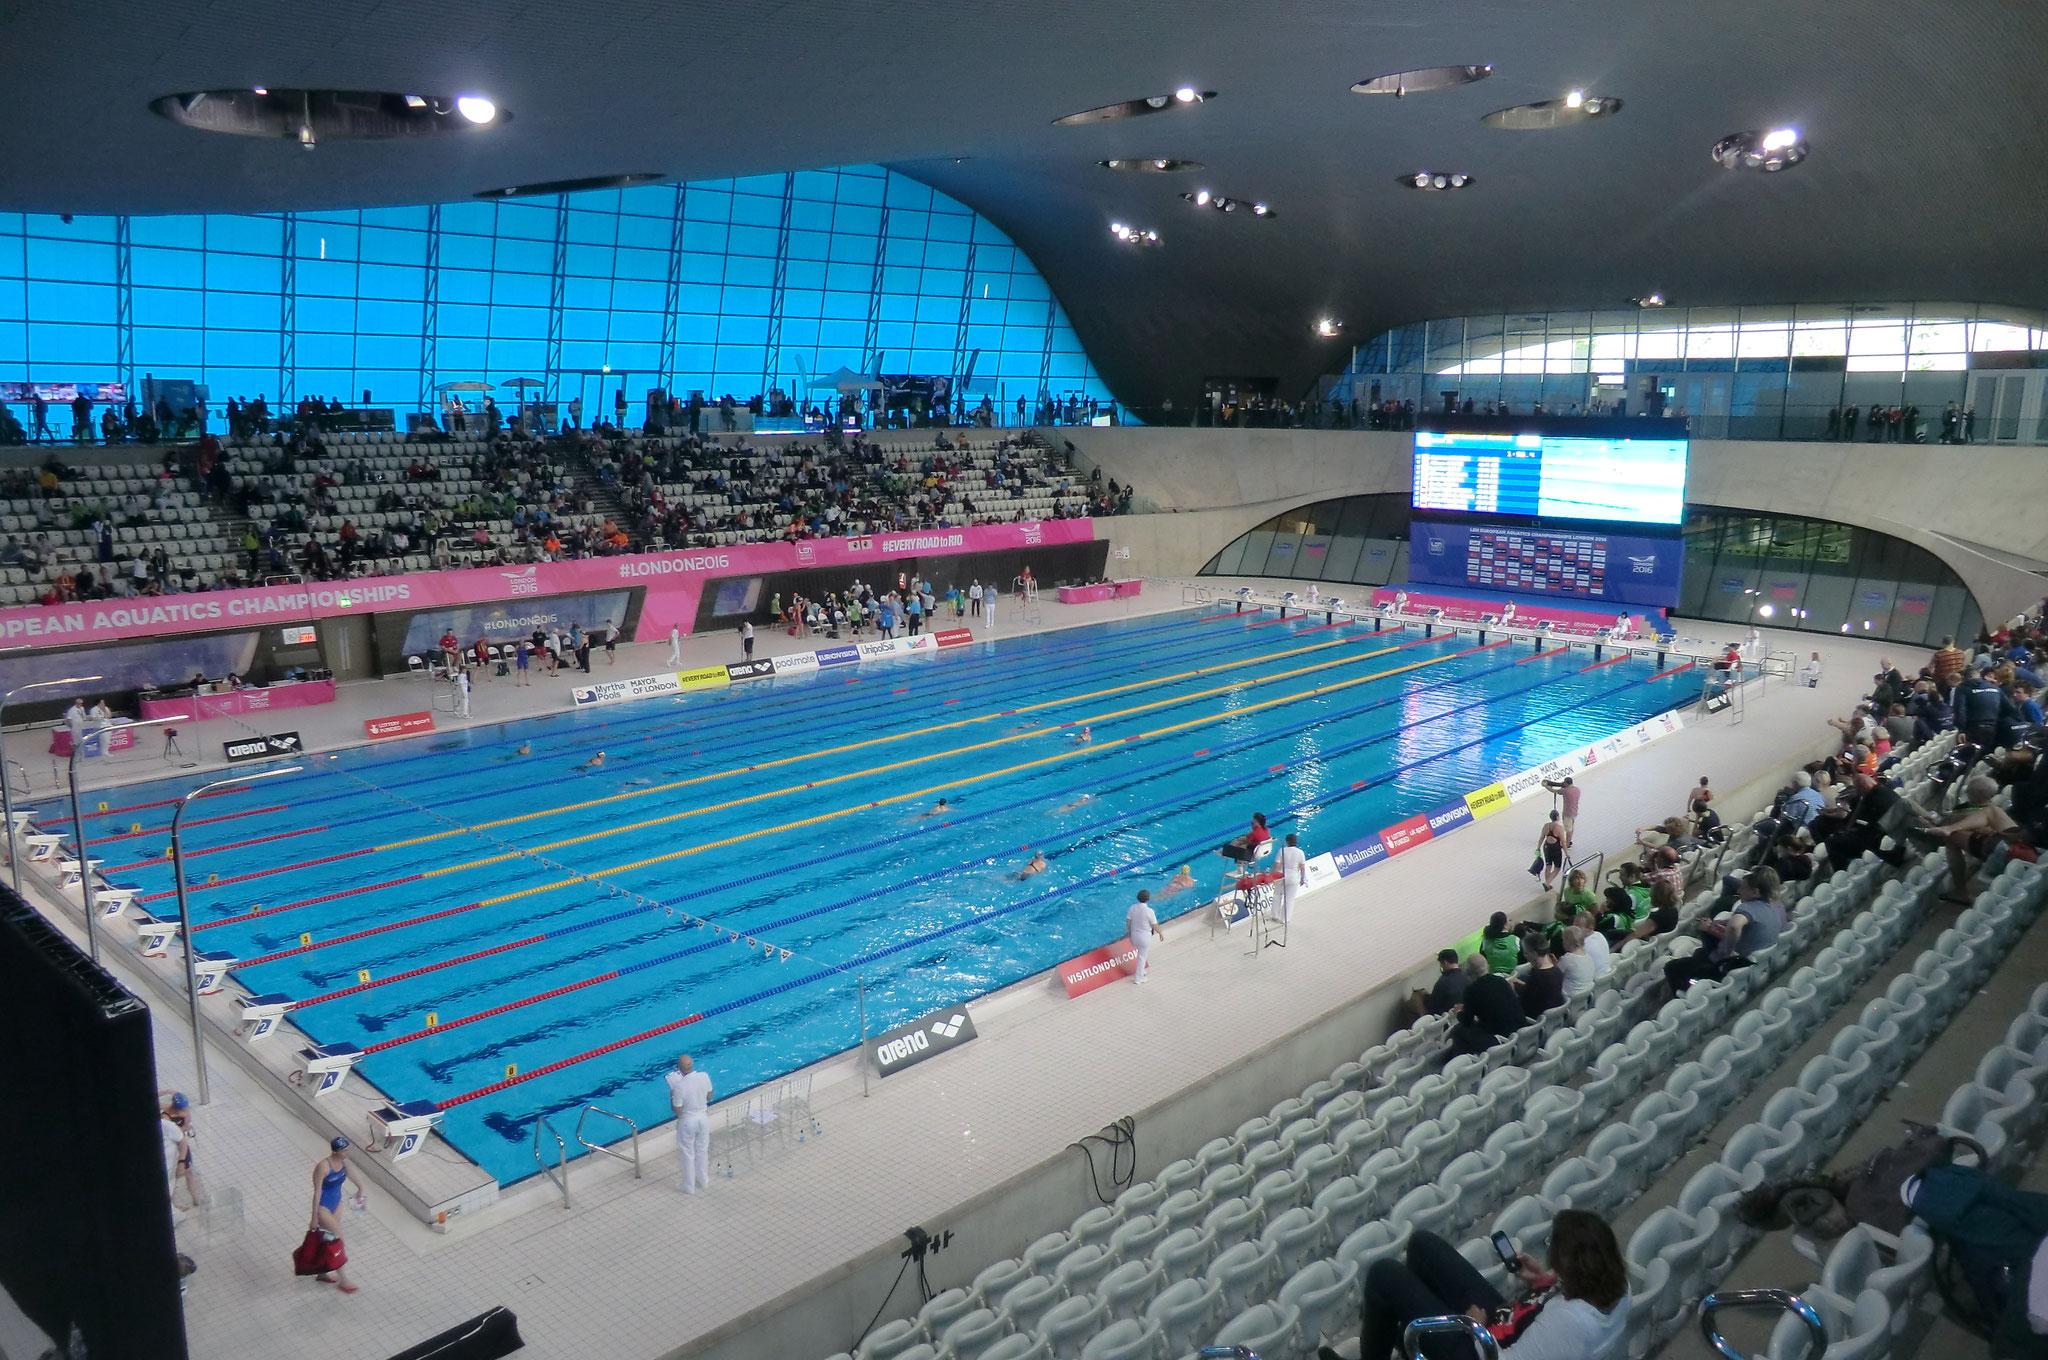 heureusement pour ceux qui réussisent à nager dans le bassin olympique, ça vaut le coup d'oeil